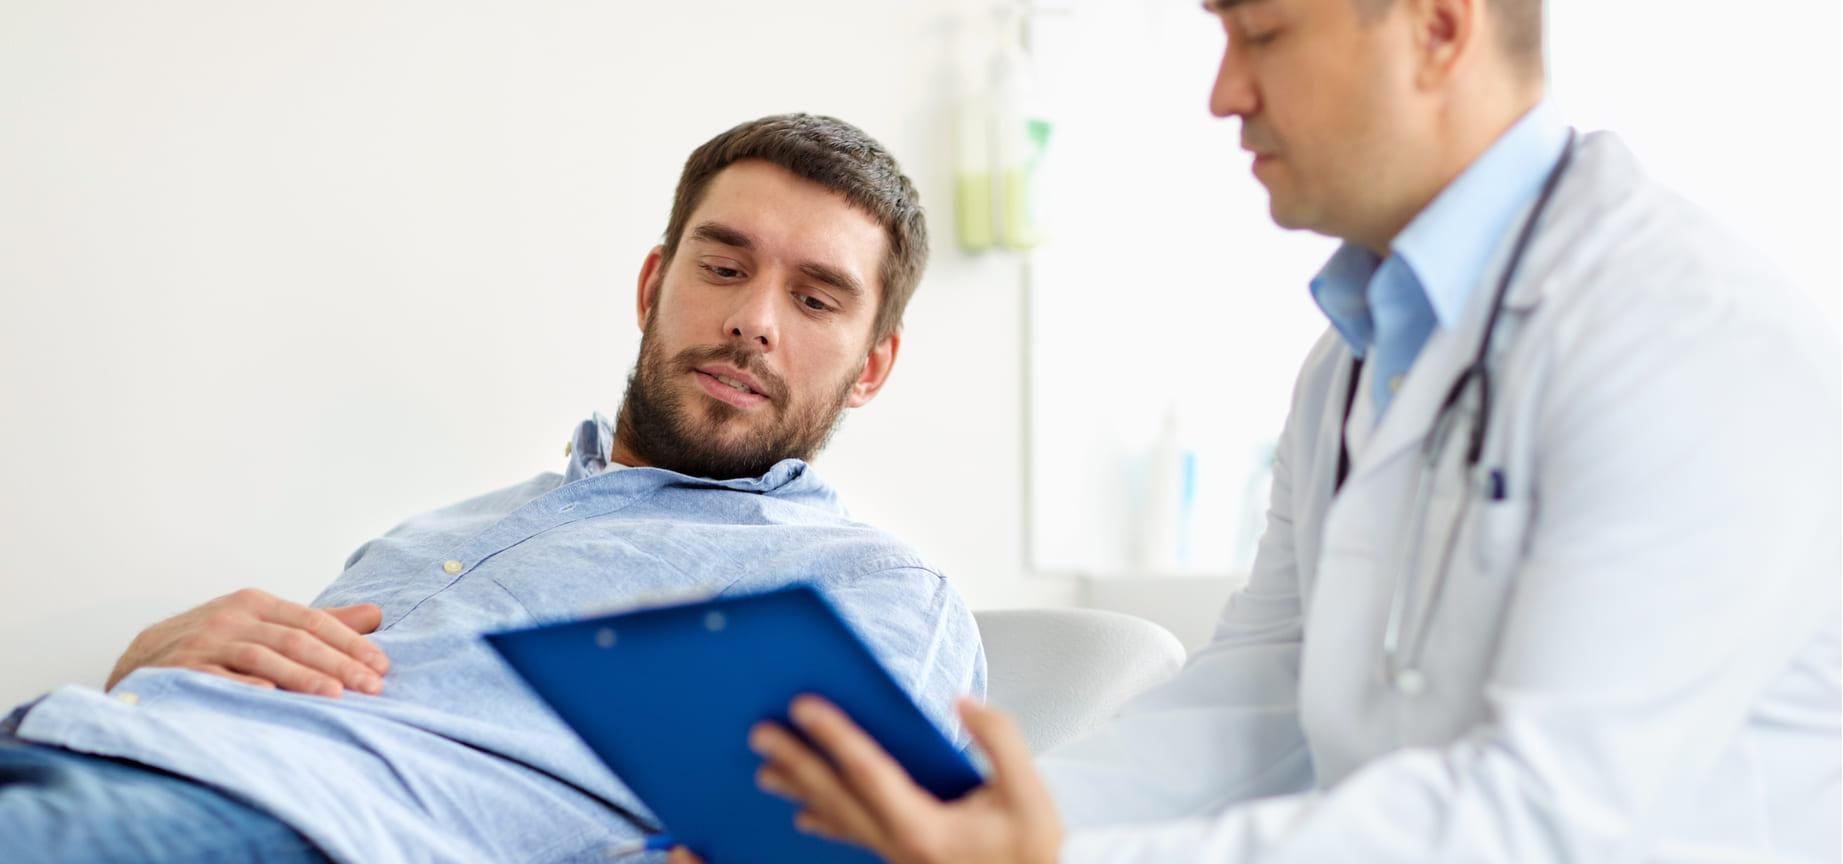 Conoce los riesgos de la enfermedad arterial periférica